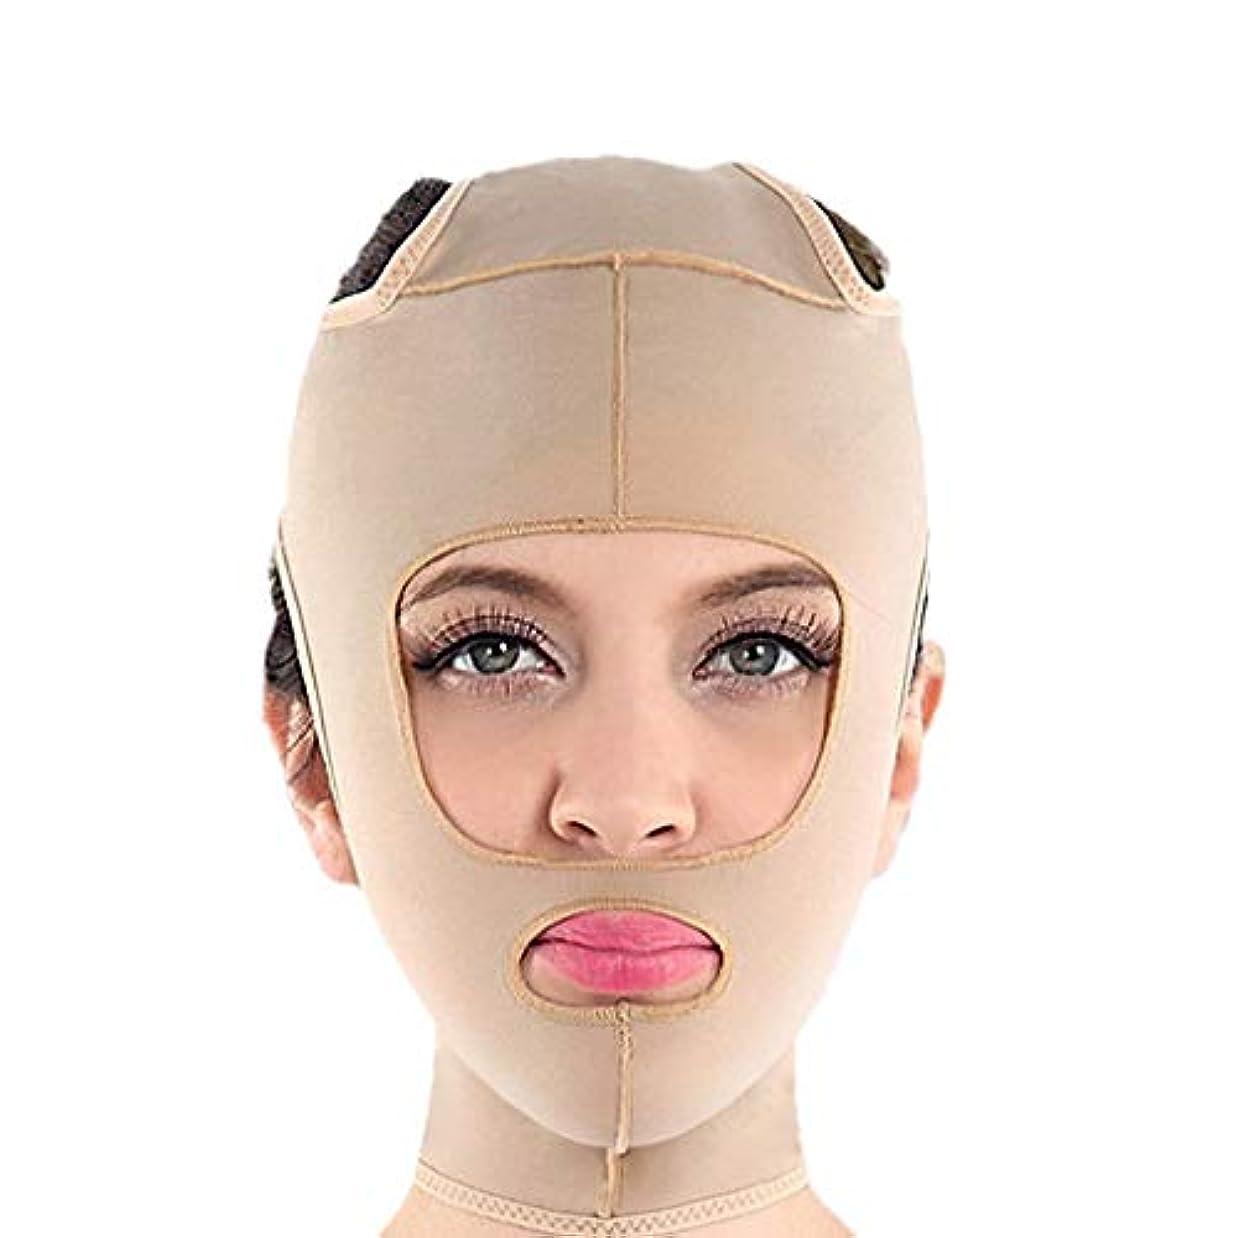 主導権晩ごはんコミットメントフェイスリフティング、ダブルチンストラップ、フェイシャル減量マスク、ダブルチンを減らすリフティングヌードル、ファーミングフェイス、パワフルリフティングマスク(サイズ:M),XL